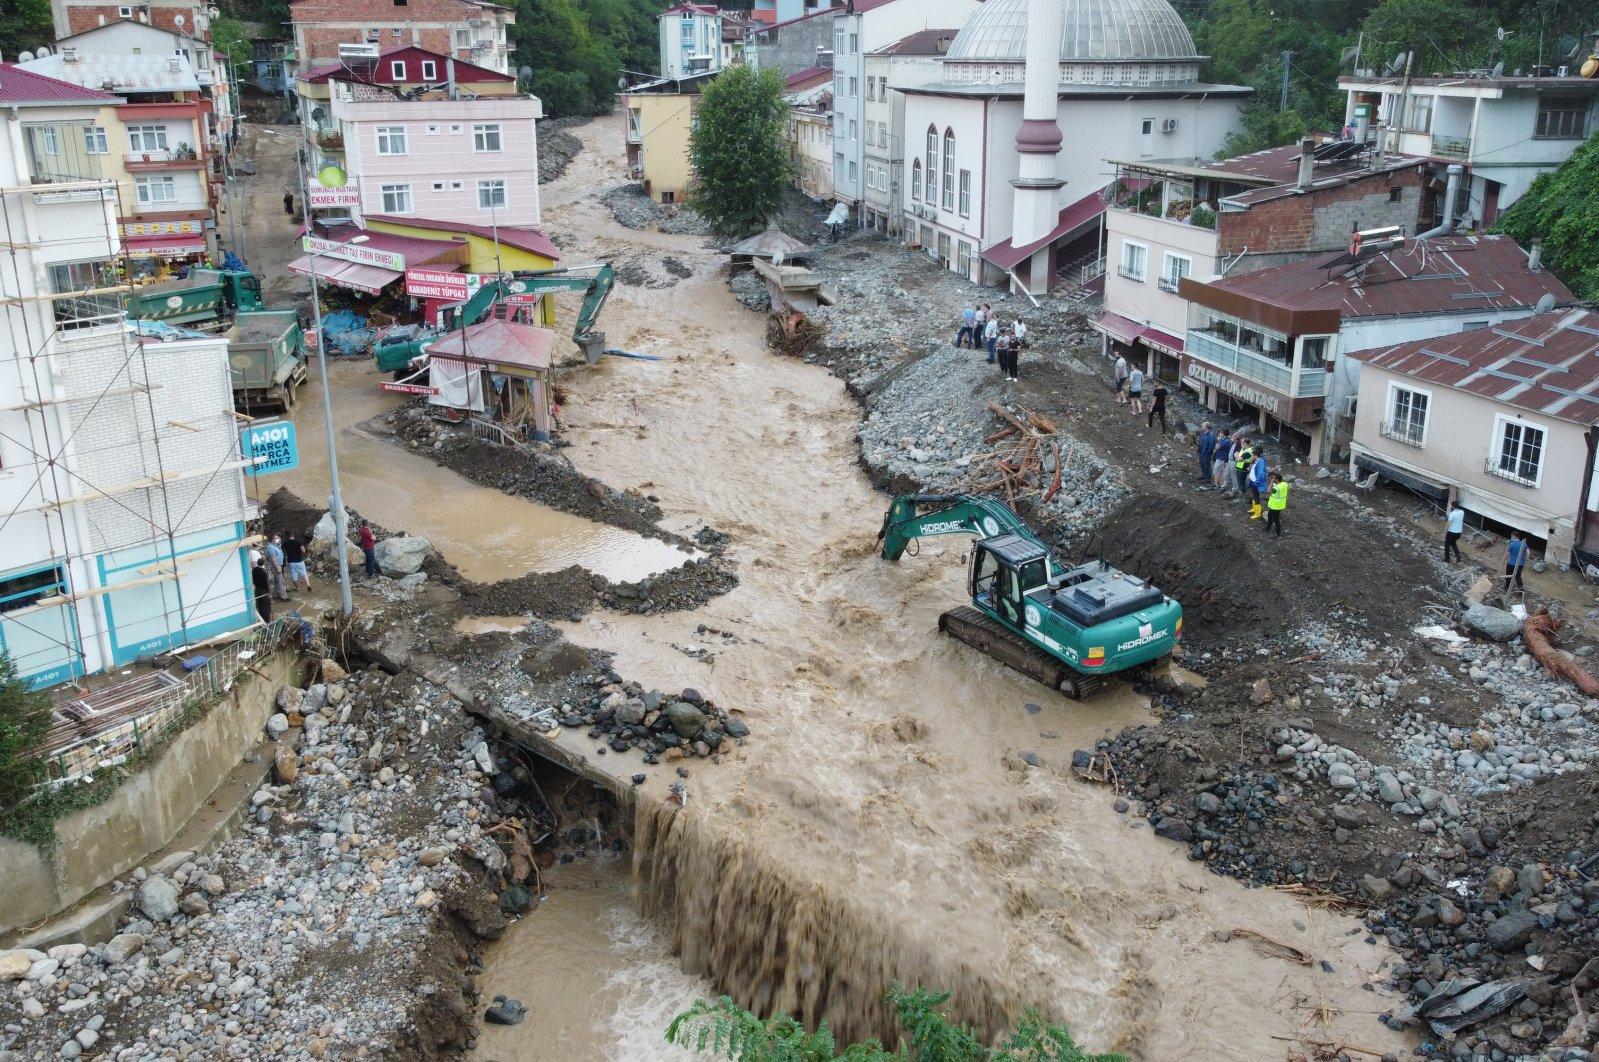 A bridge destroyed by flash floods in Giresun's Dereli district, northeastern Turkey, Aug. 23, 2020. (AA Photo)